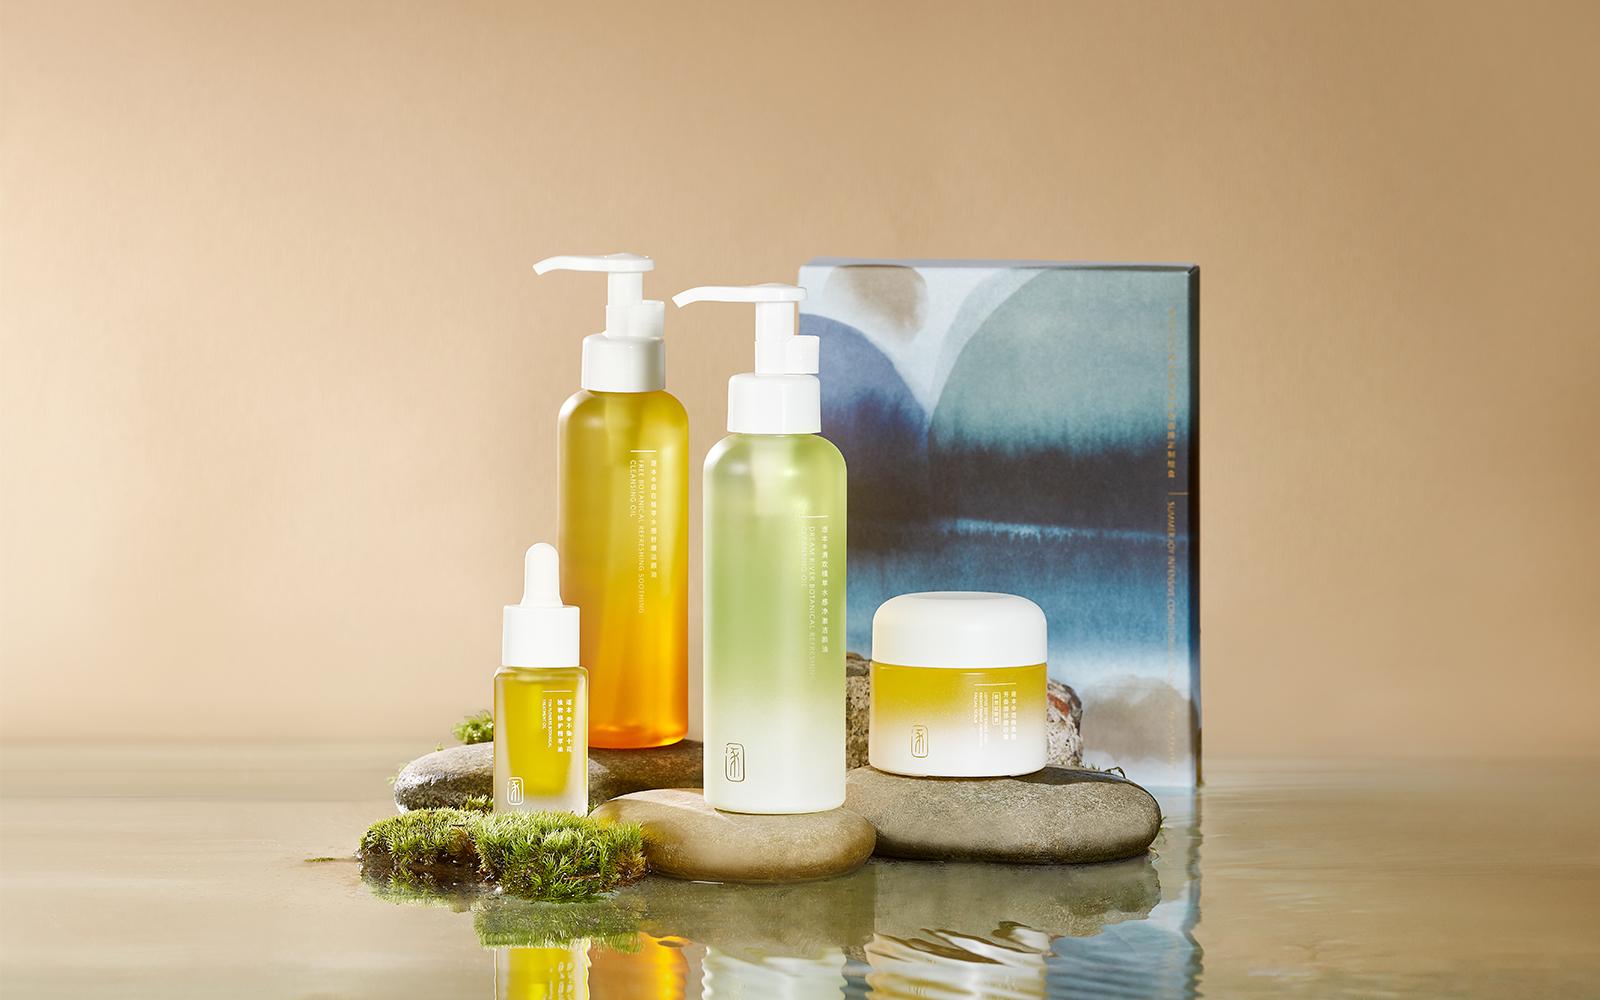 618 再次成为天猫卸妆品类第一,逐本开启芳疗护肤品牌新定位 BrandStar